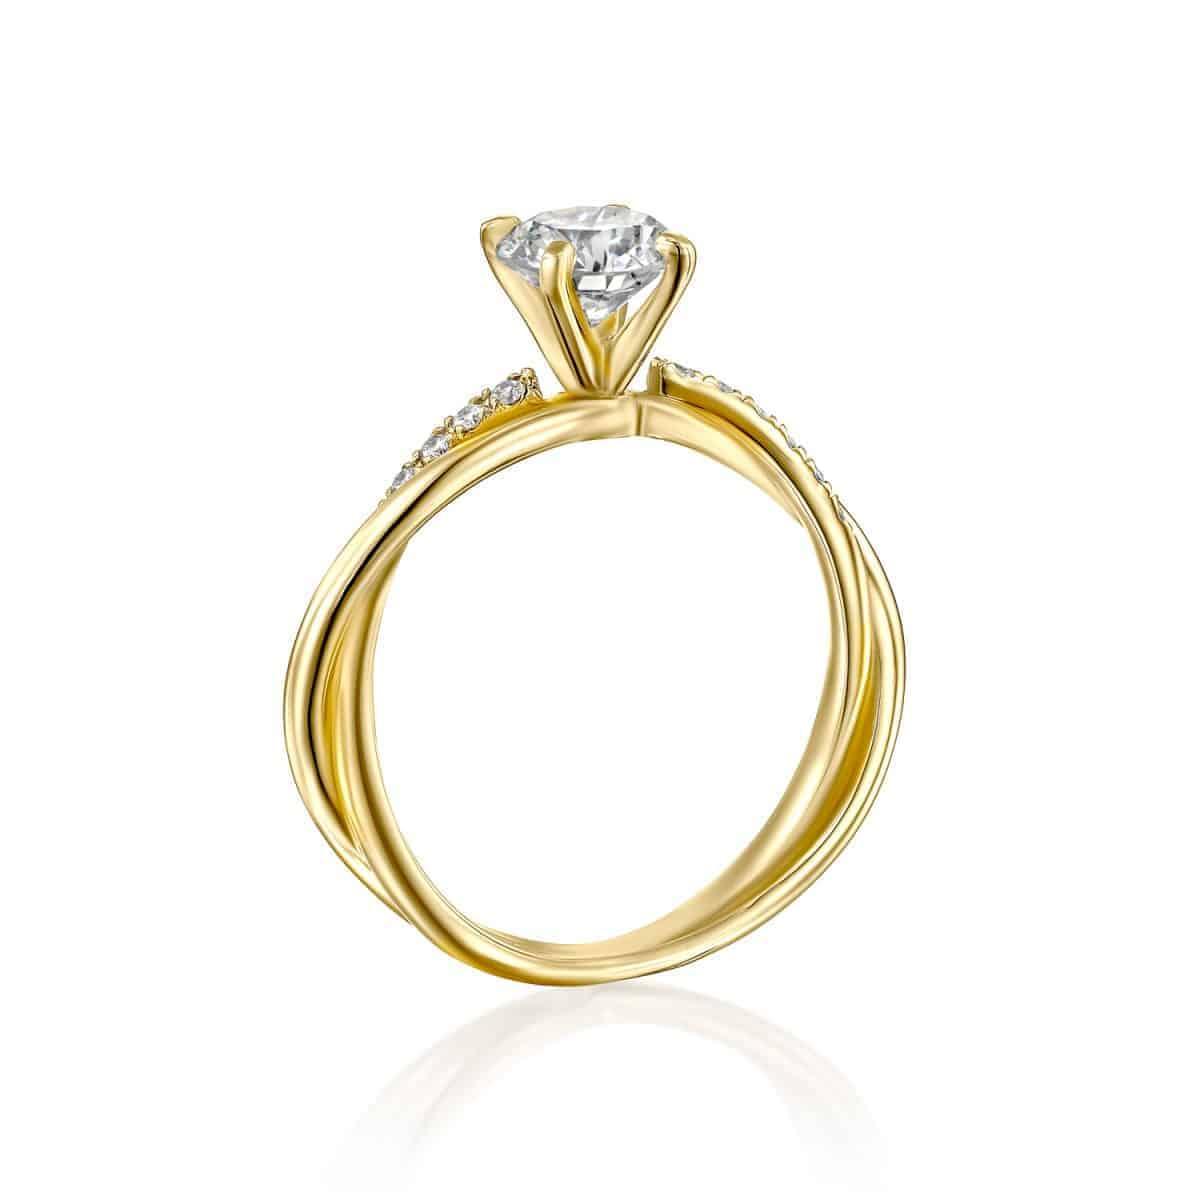 טבעת אירוסין טוויסט - ונ זהב צהוב 3